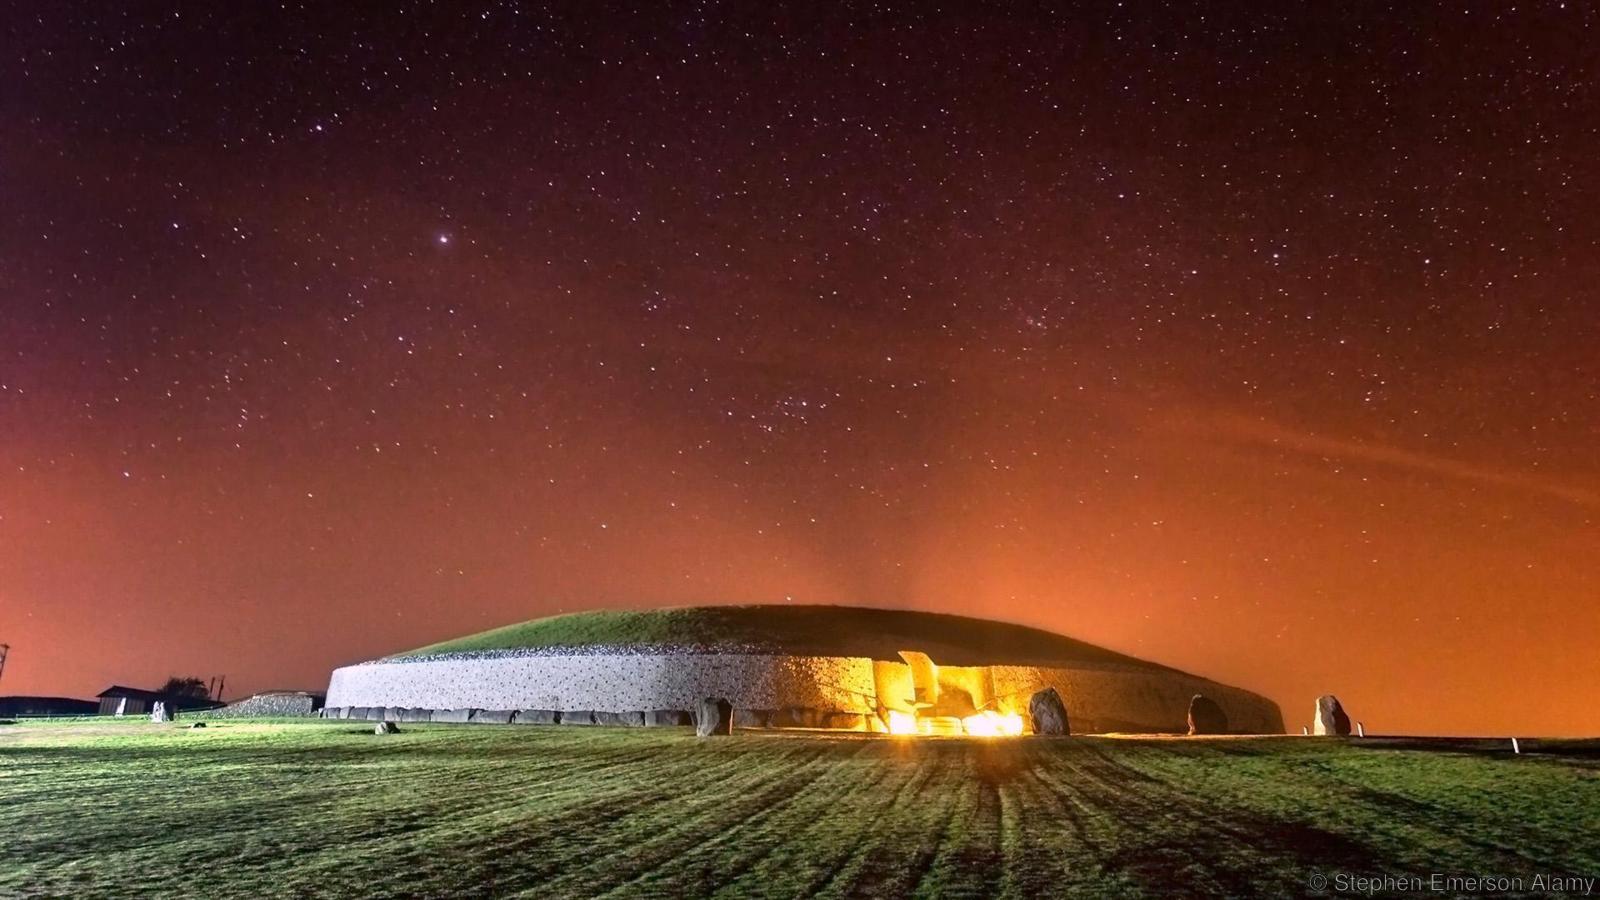 Kumbeta Newgrangeyê - Îrlanda